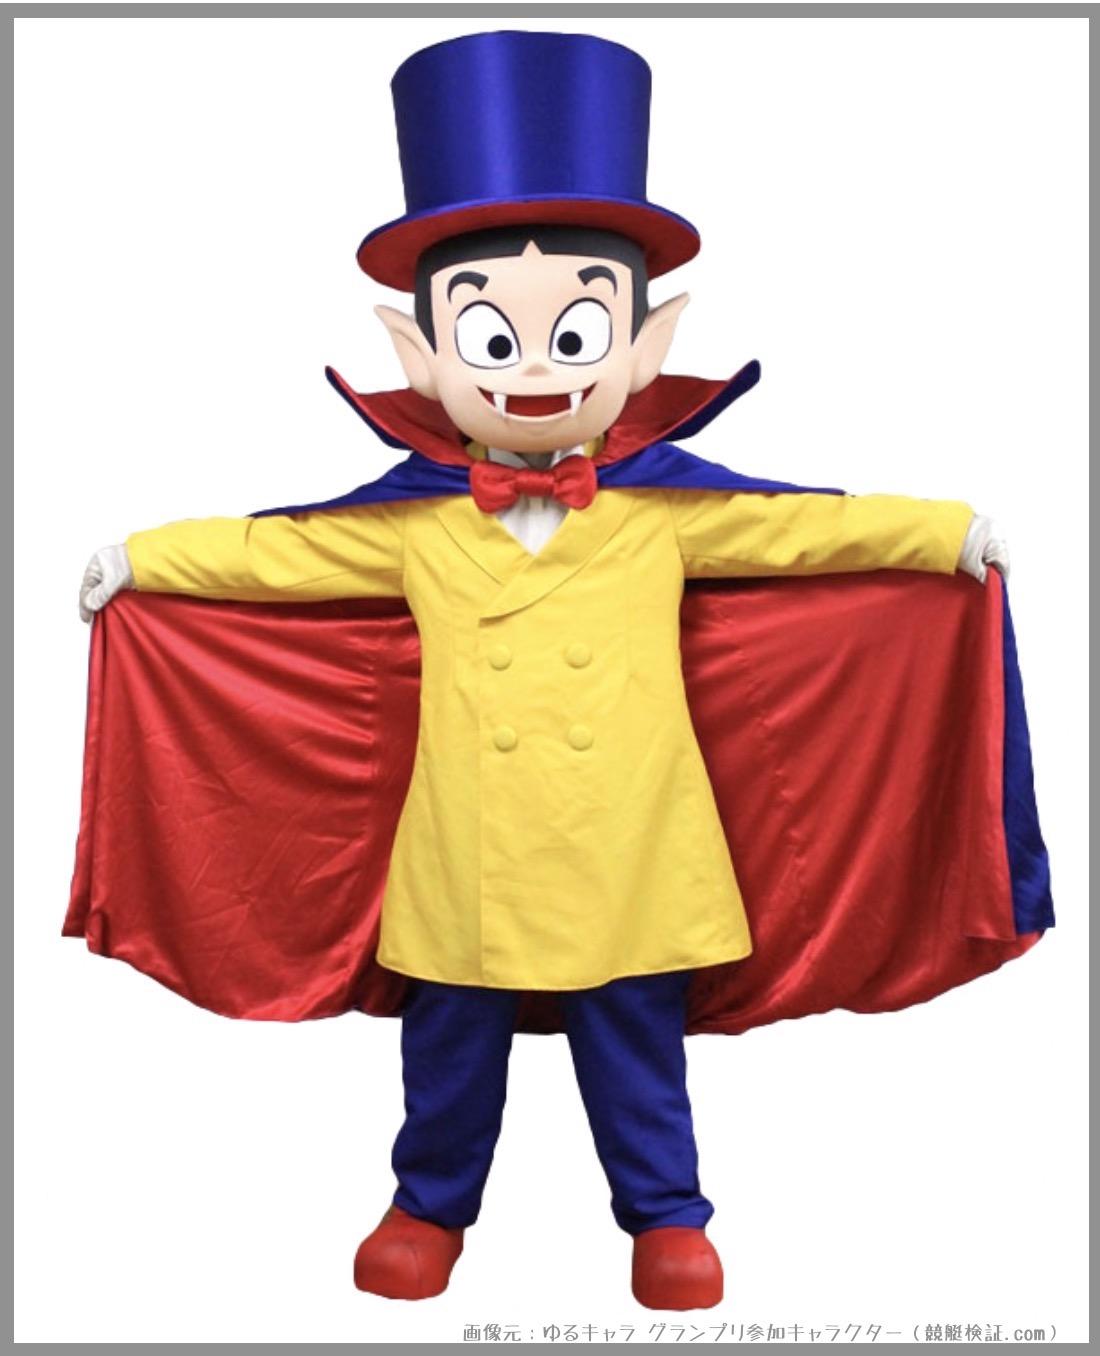 桐生競艇場のマスコットキャラクター、ドラキリュウの画像